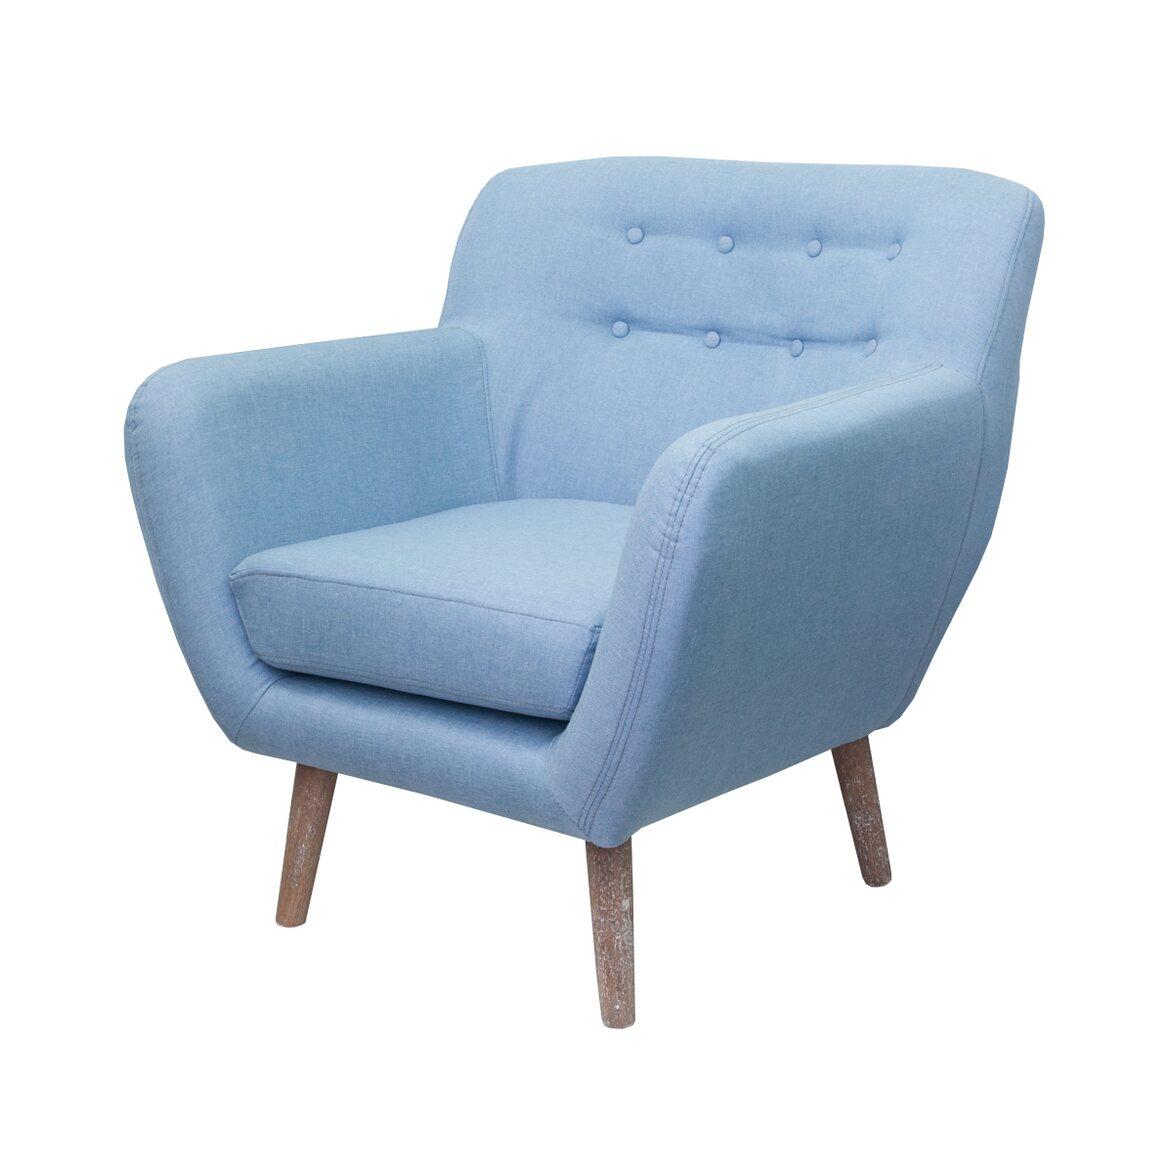 Низкое кресло Fuller blue 4 | Маленькие кресла Kingsby